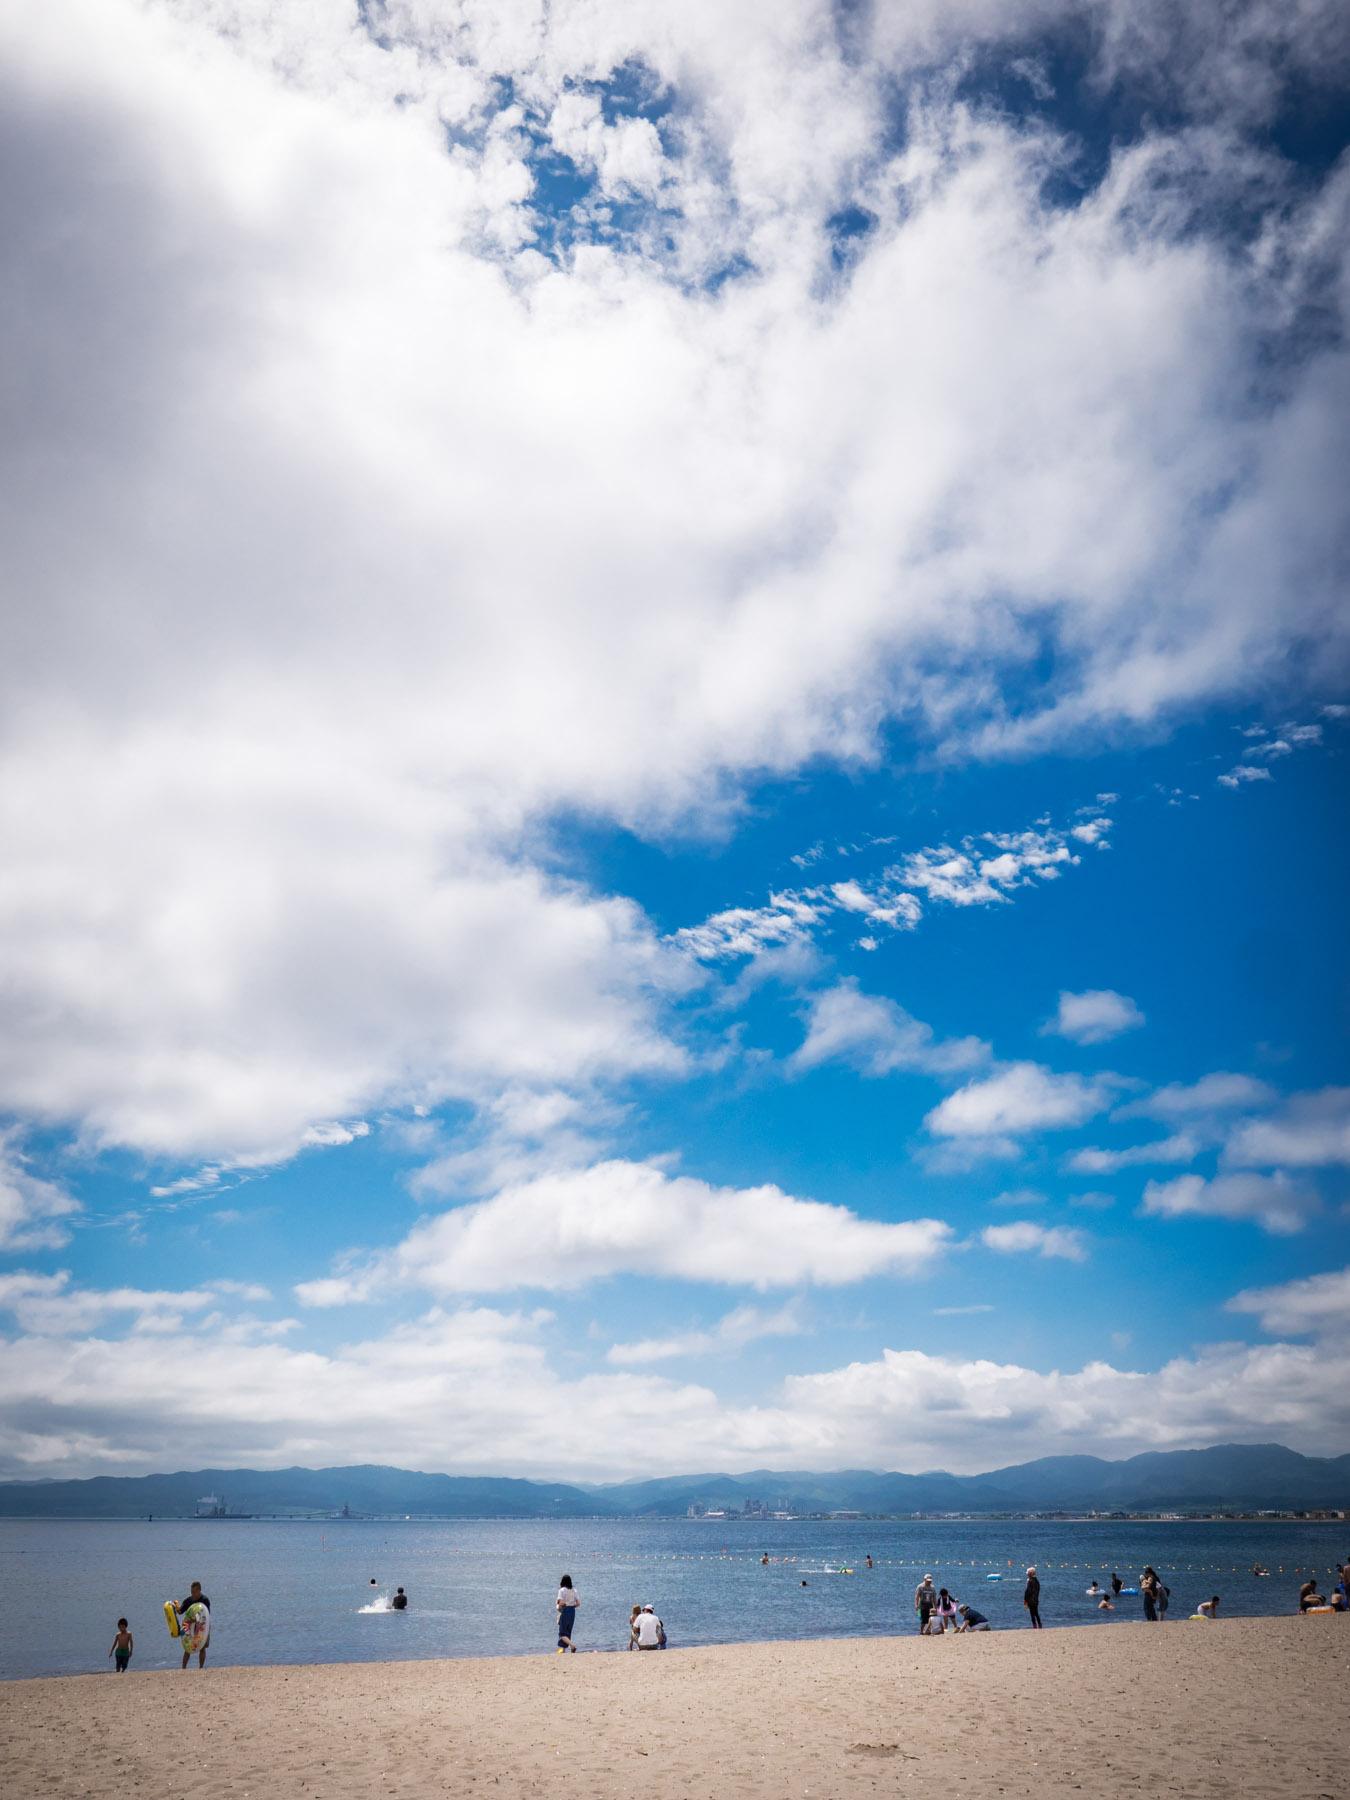 青空と白い雲と砂浜と海水浴客